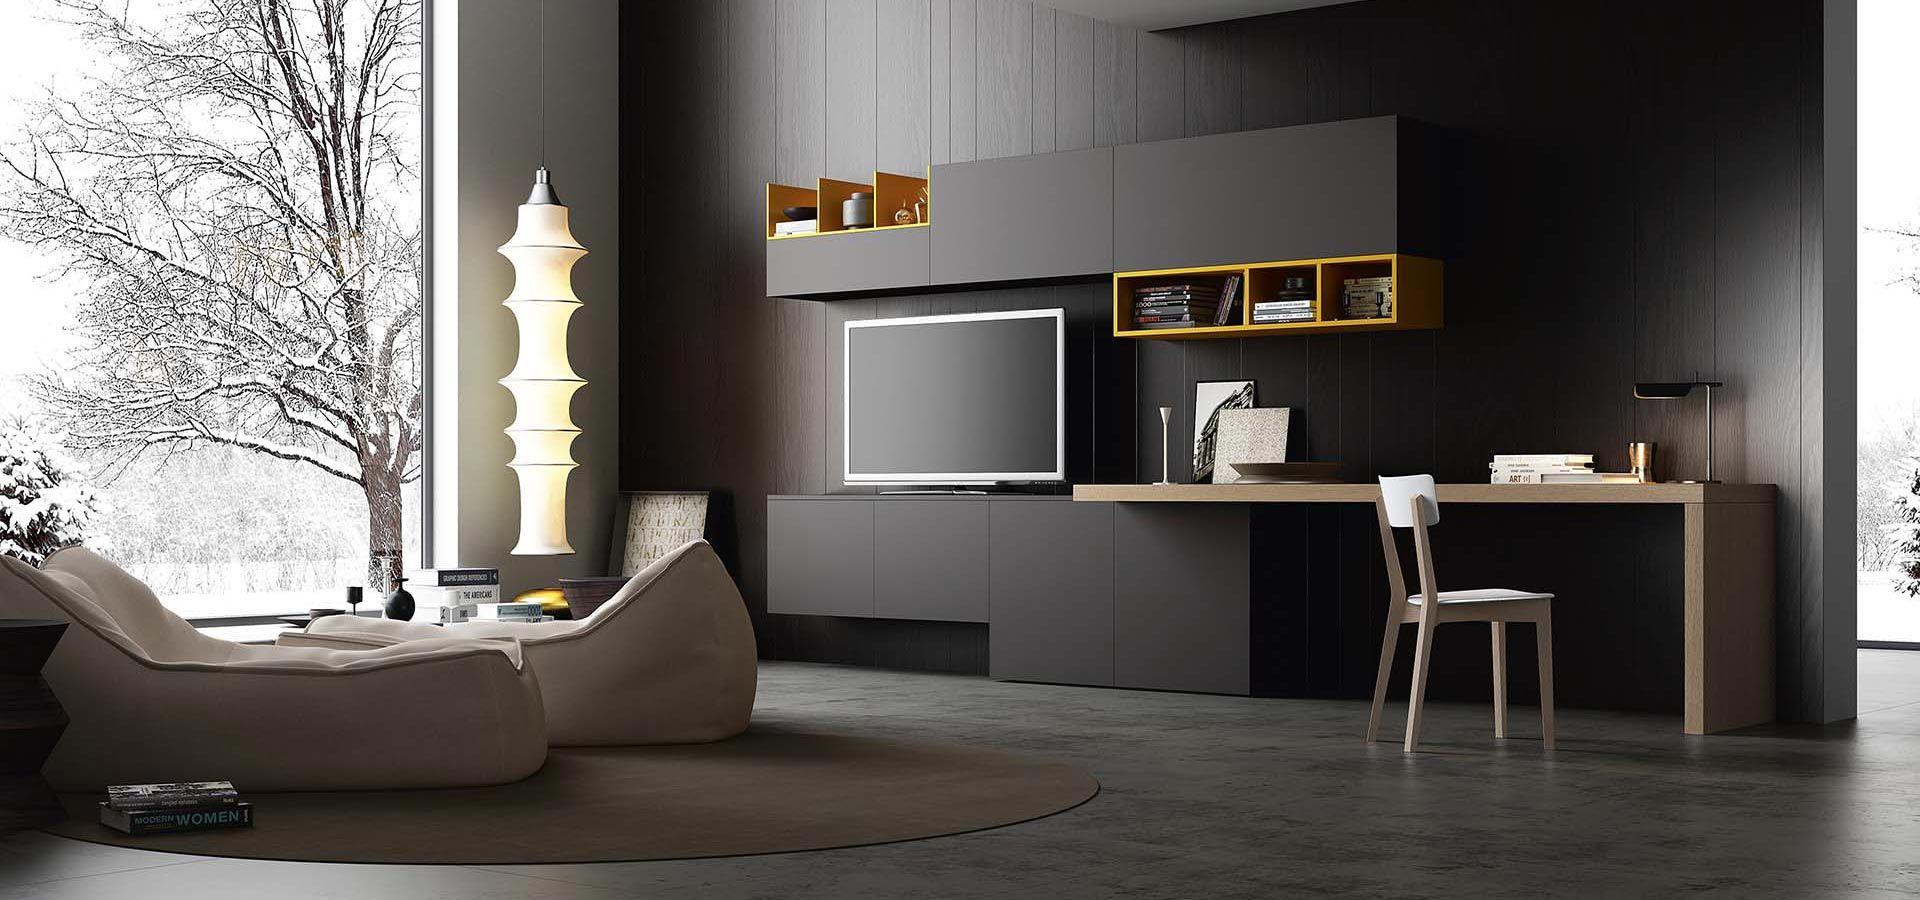 Soggiorno moderno arredo3 strutturato e multifunzione for Mobili x salone